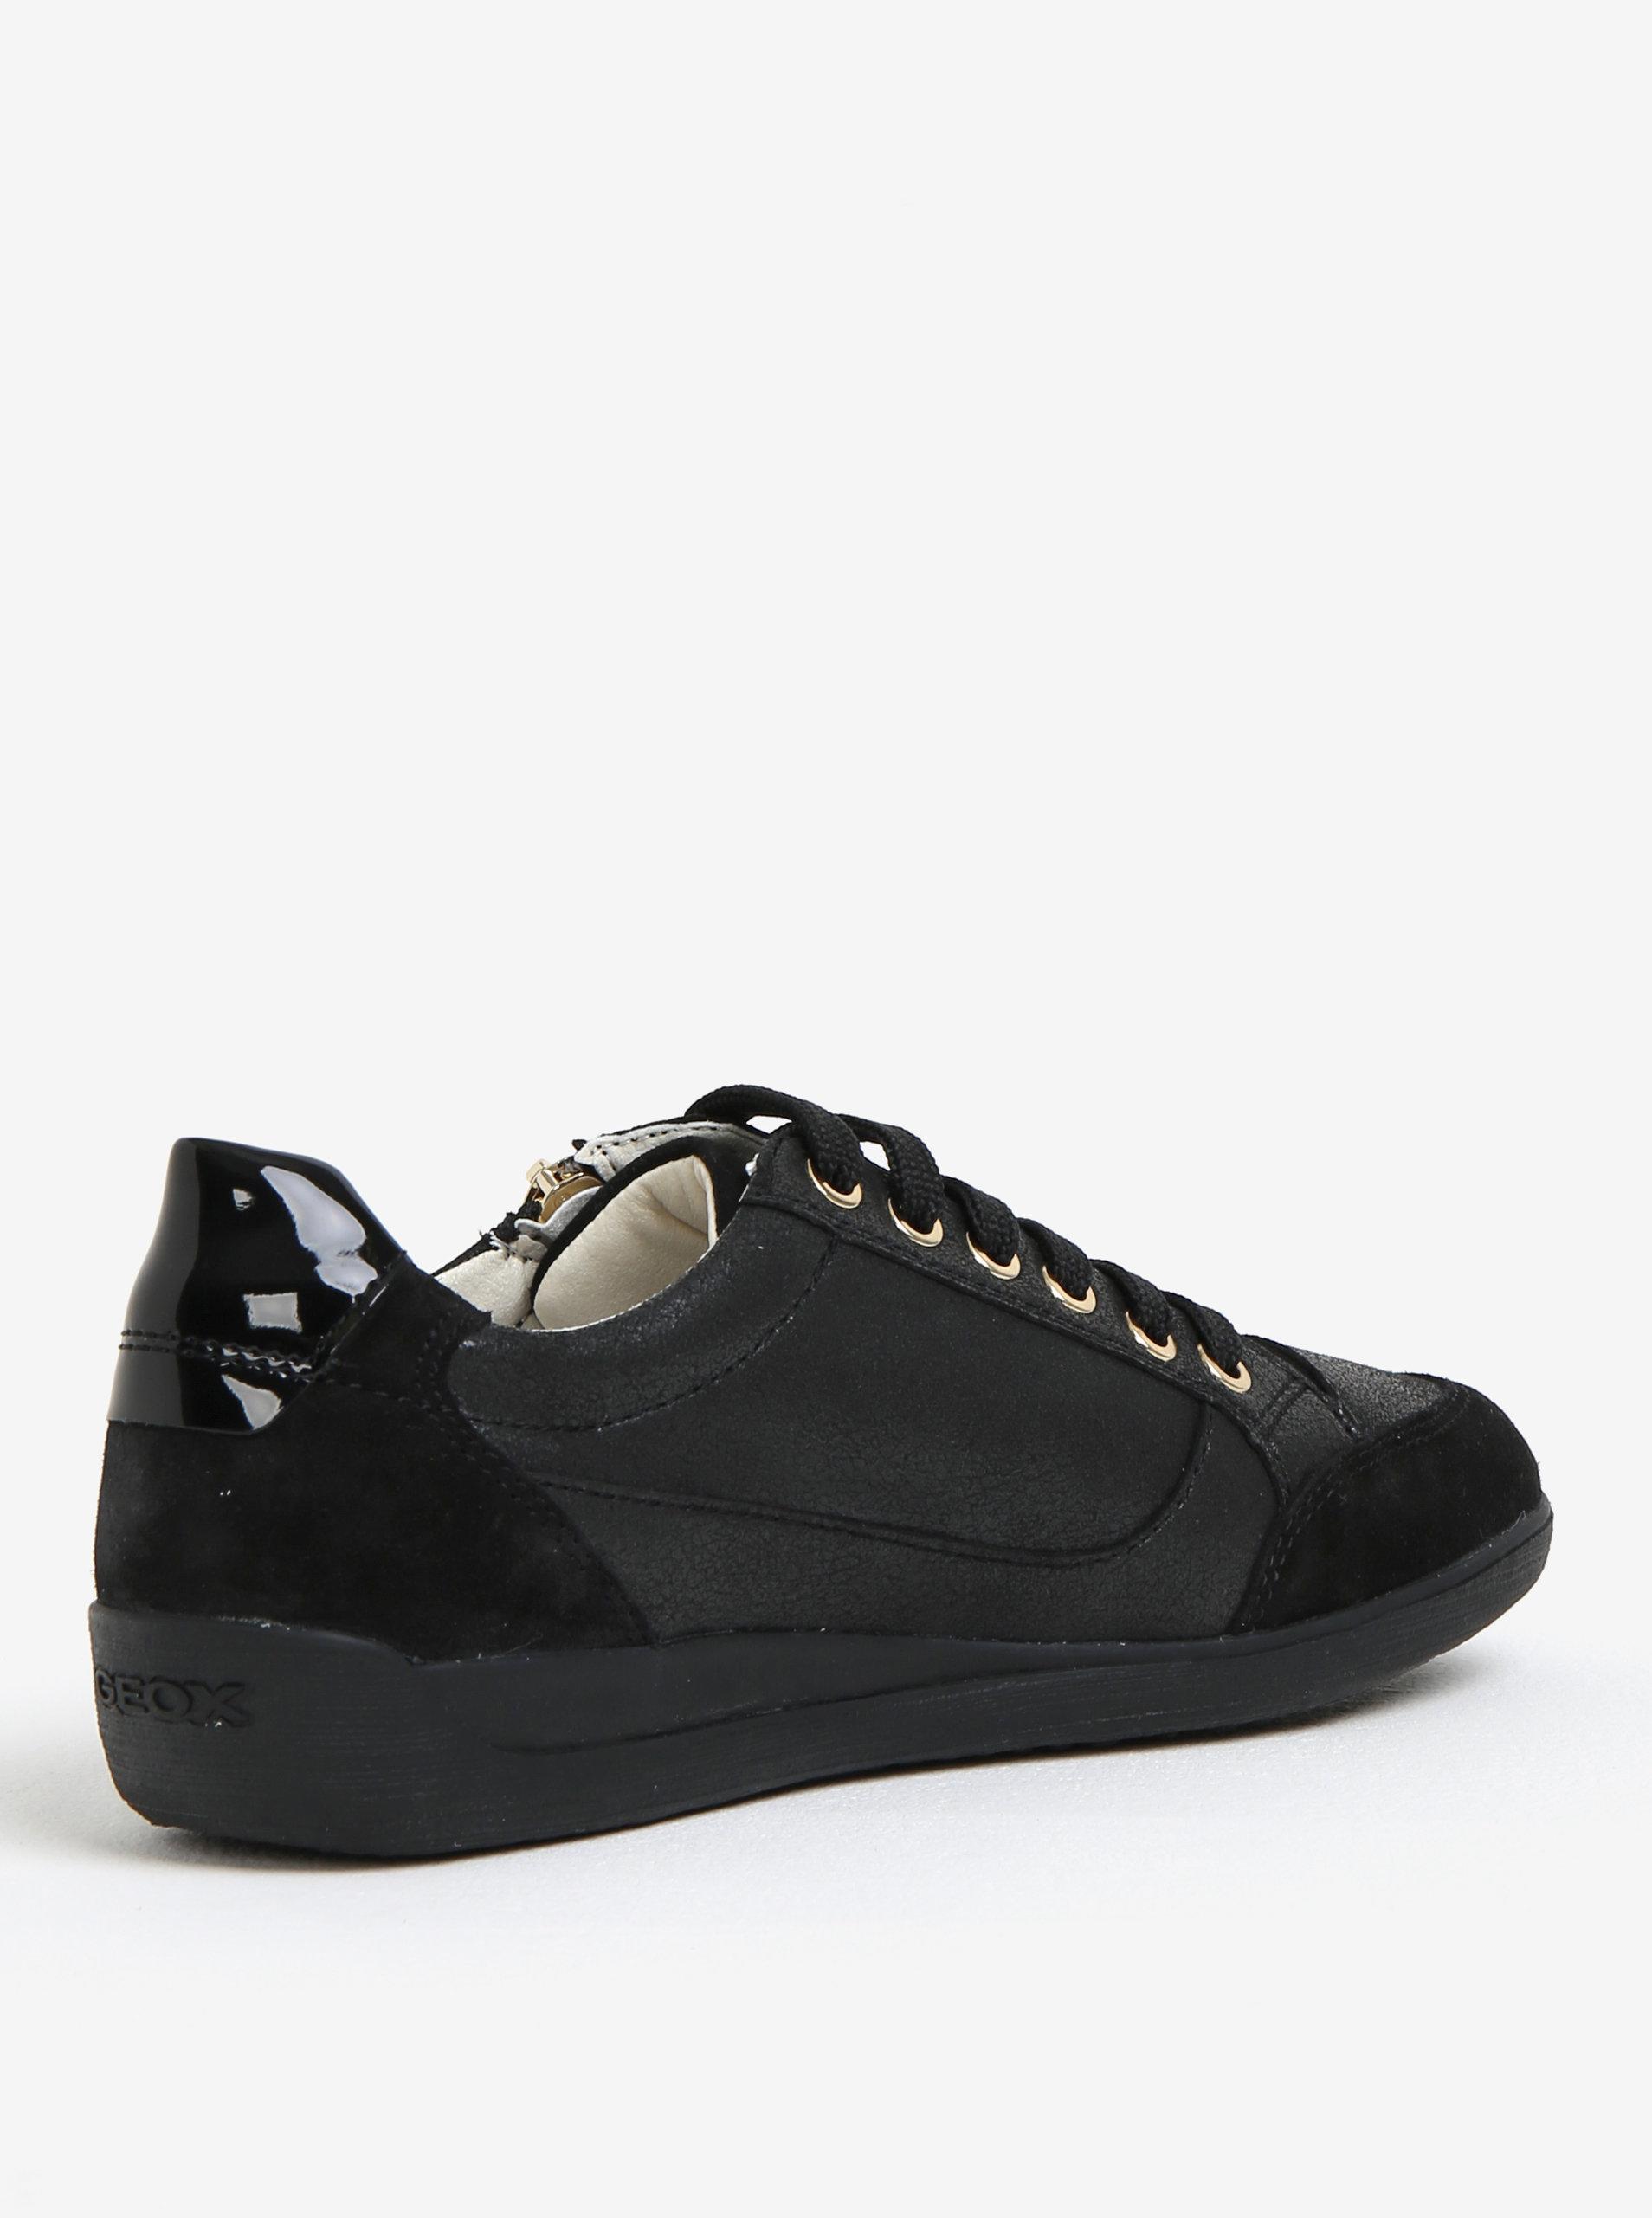 Černé dámské kožené tenisky Geox Myria ... 13937149e3